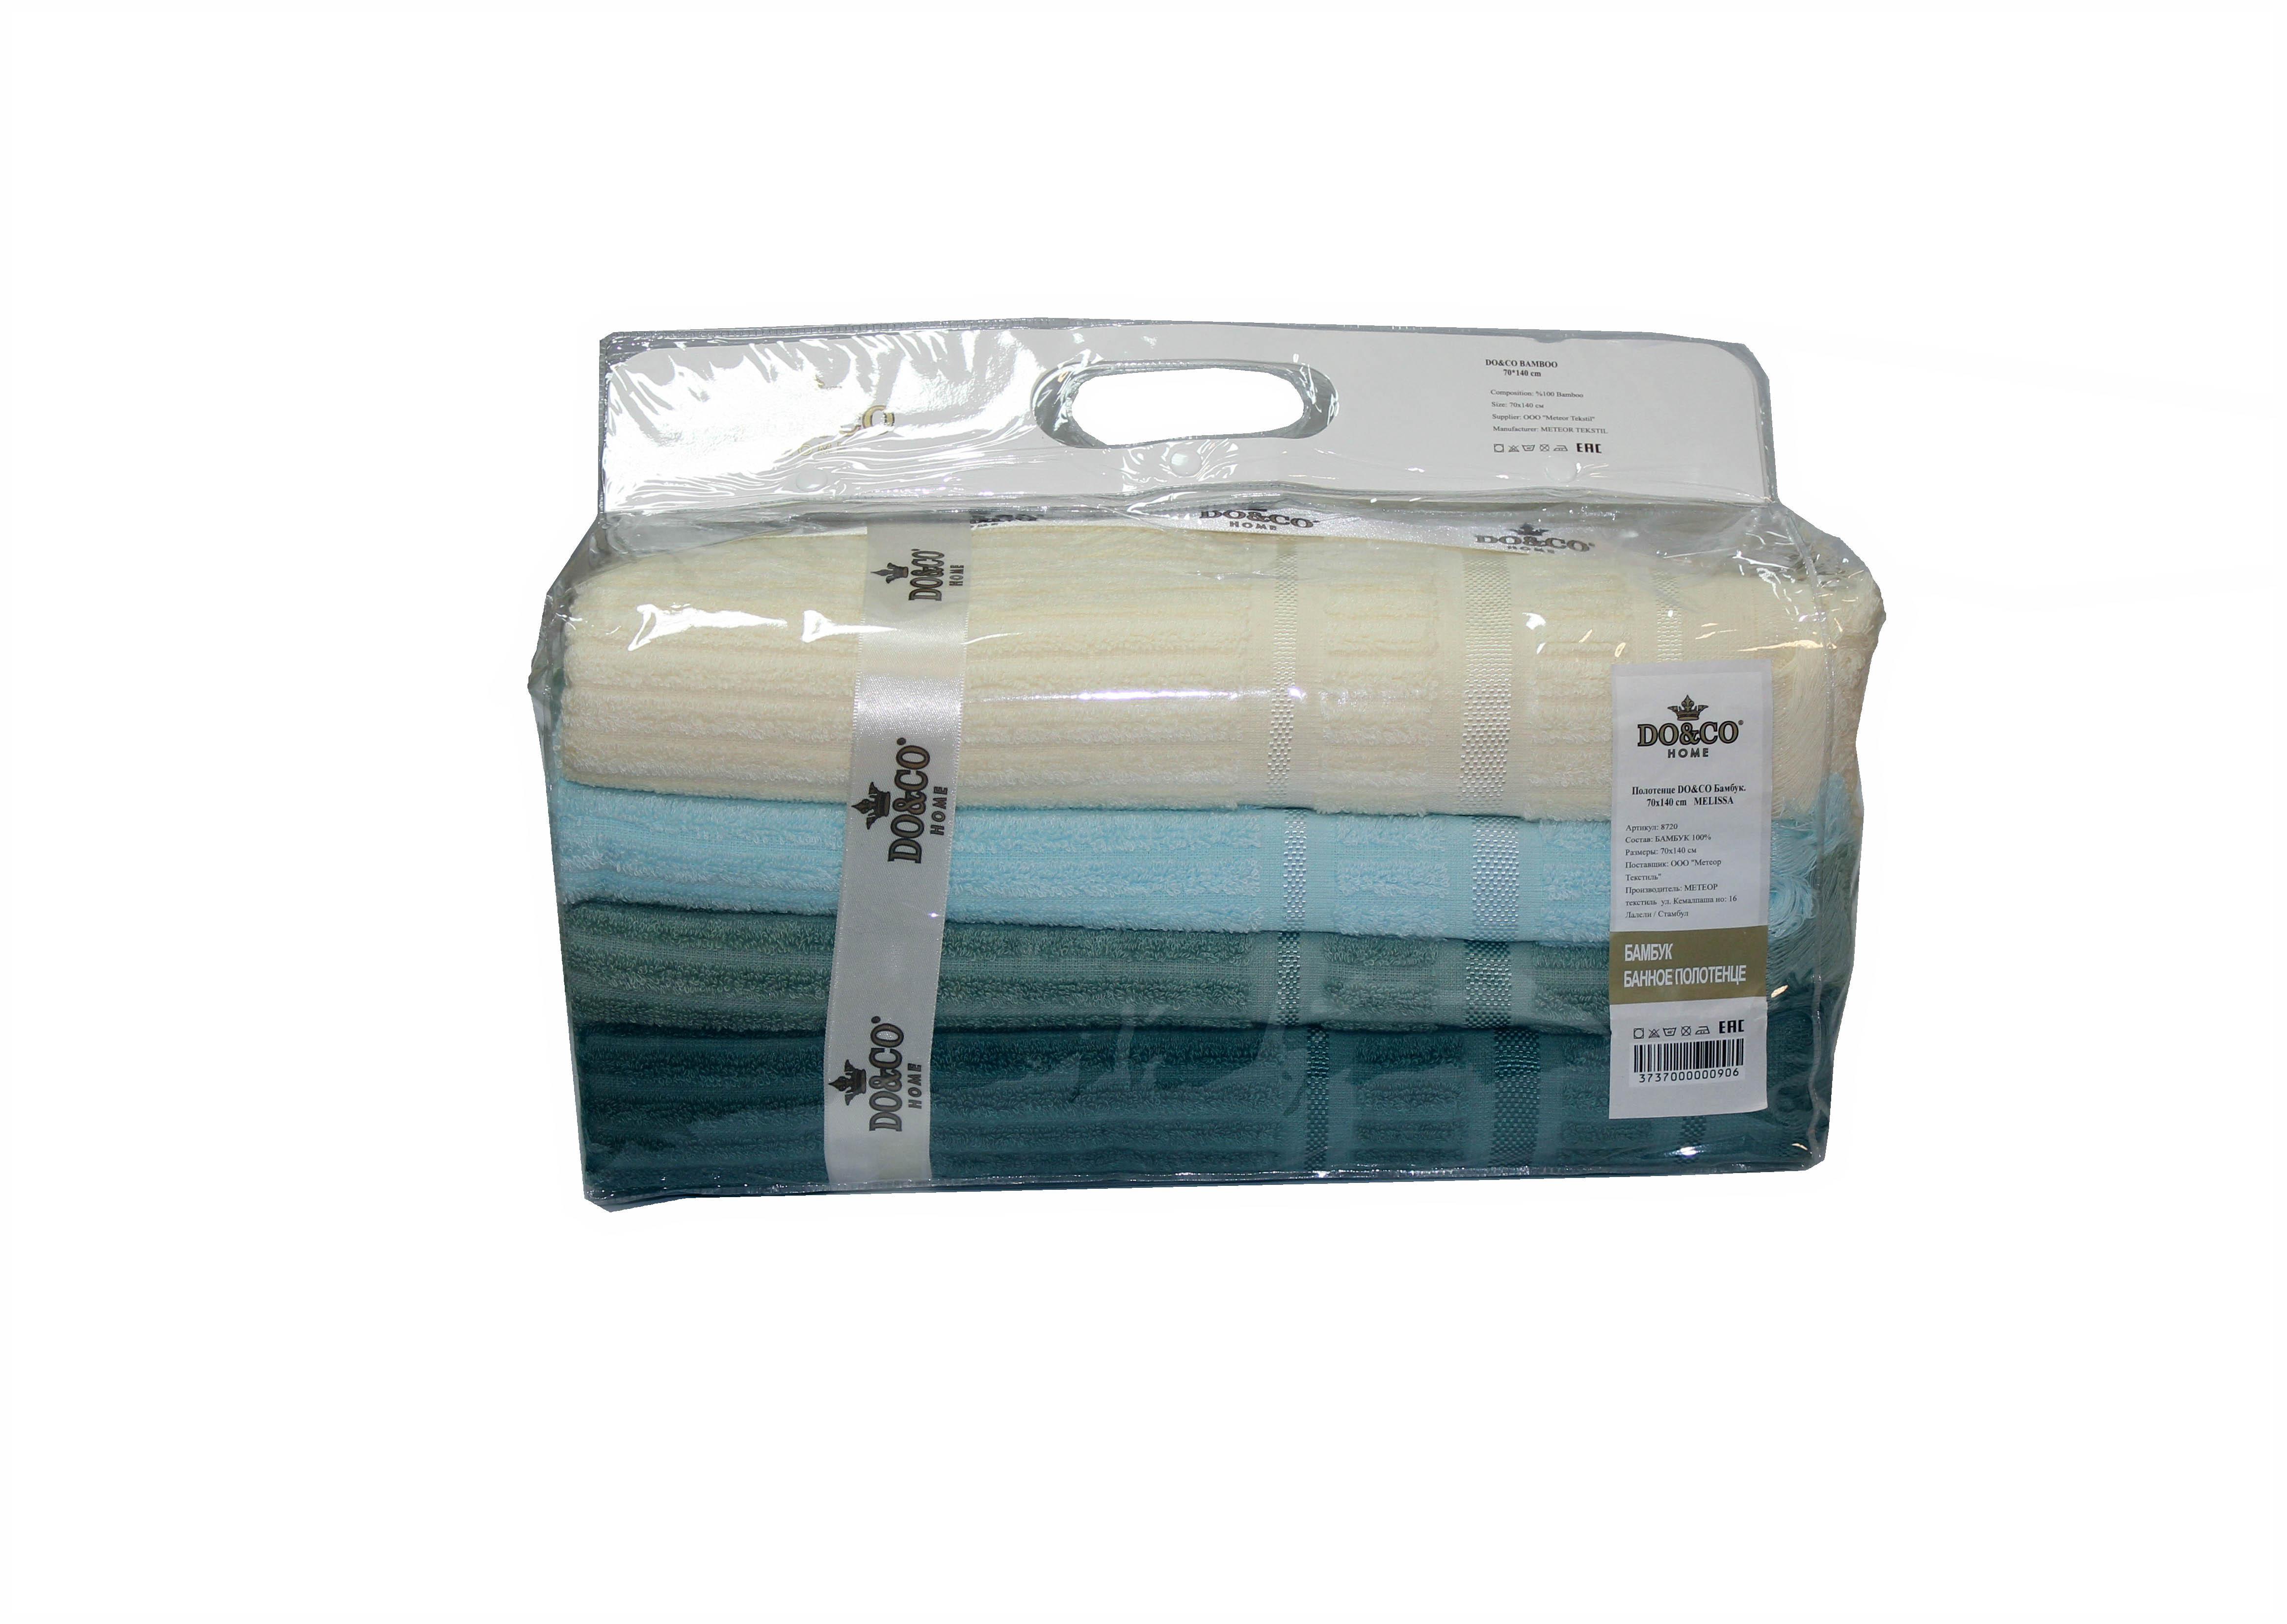 Полотенца DO'n'CO Набор Полотенец Melissa (70х140 см - 4 шт) полотенца do n co набор полотенец clara 70х140 см 4 шт